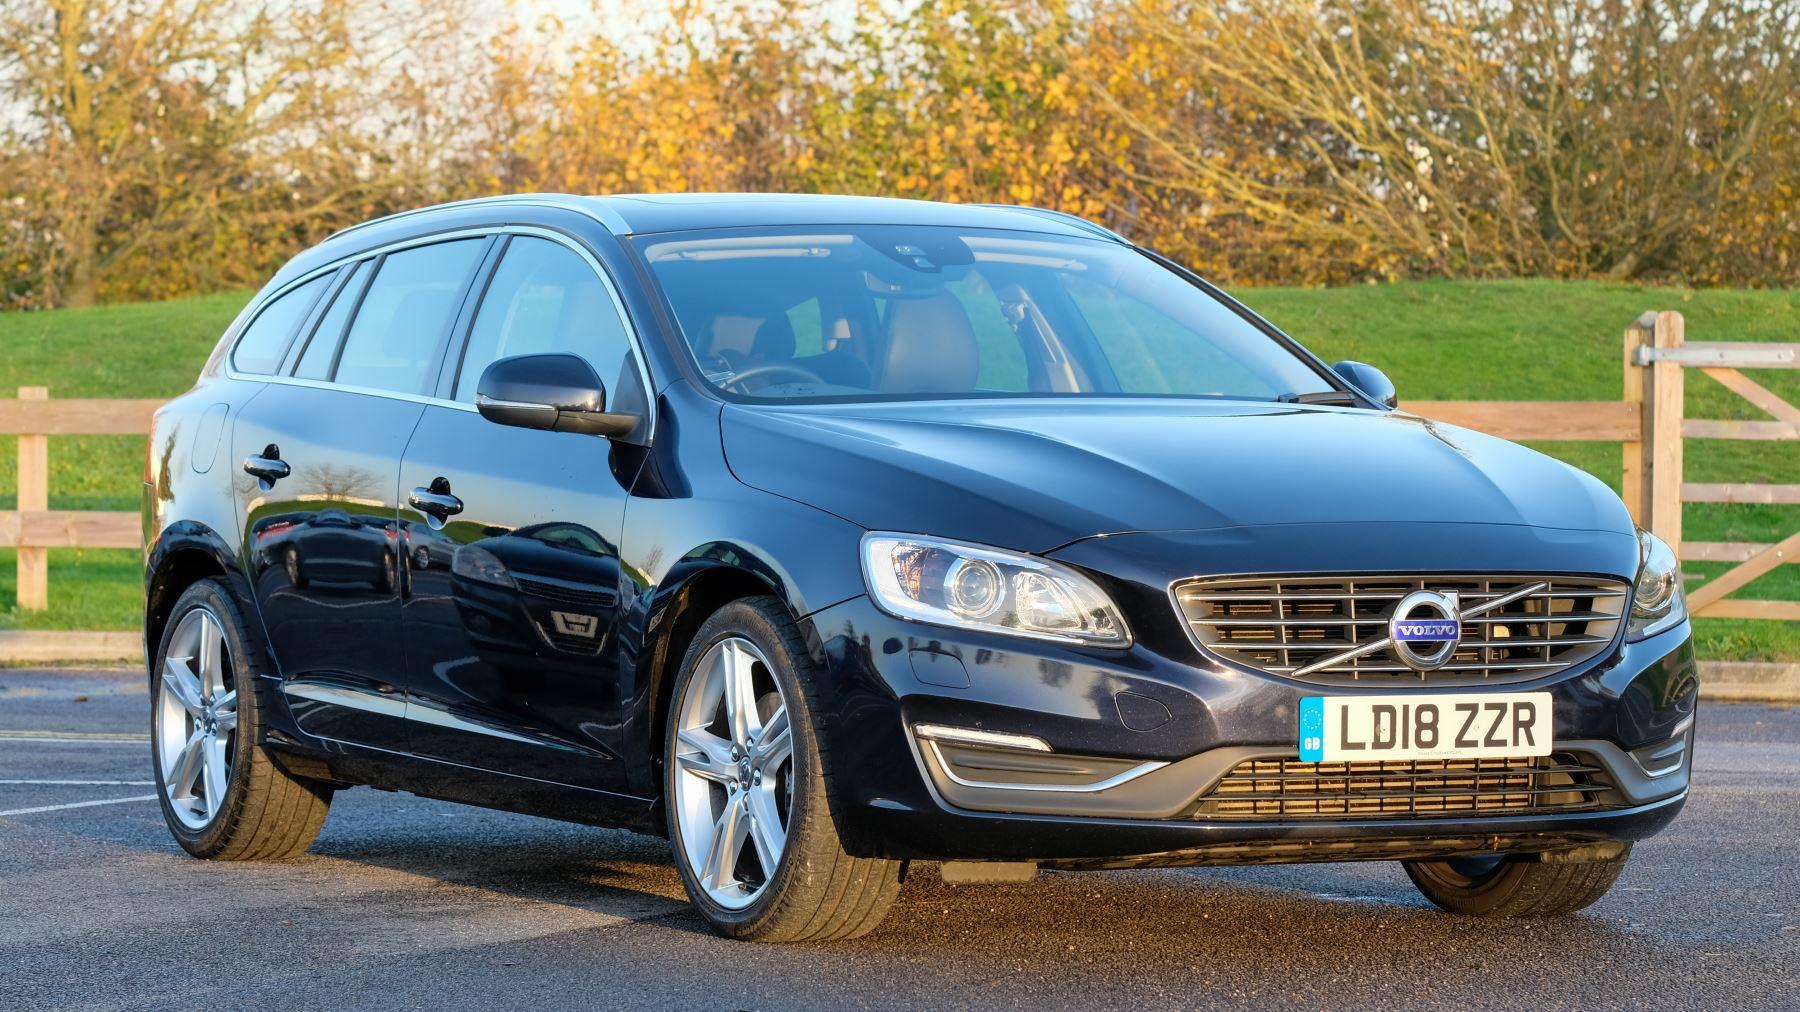 Volvo V60 D4 SE Lux Nav Auto, Winter Illumination & Family Pack, Sunroof, BLIS, VAT Reclaimable image 1